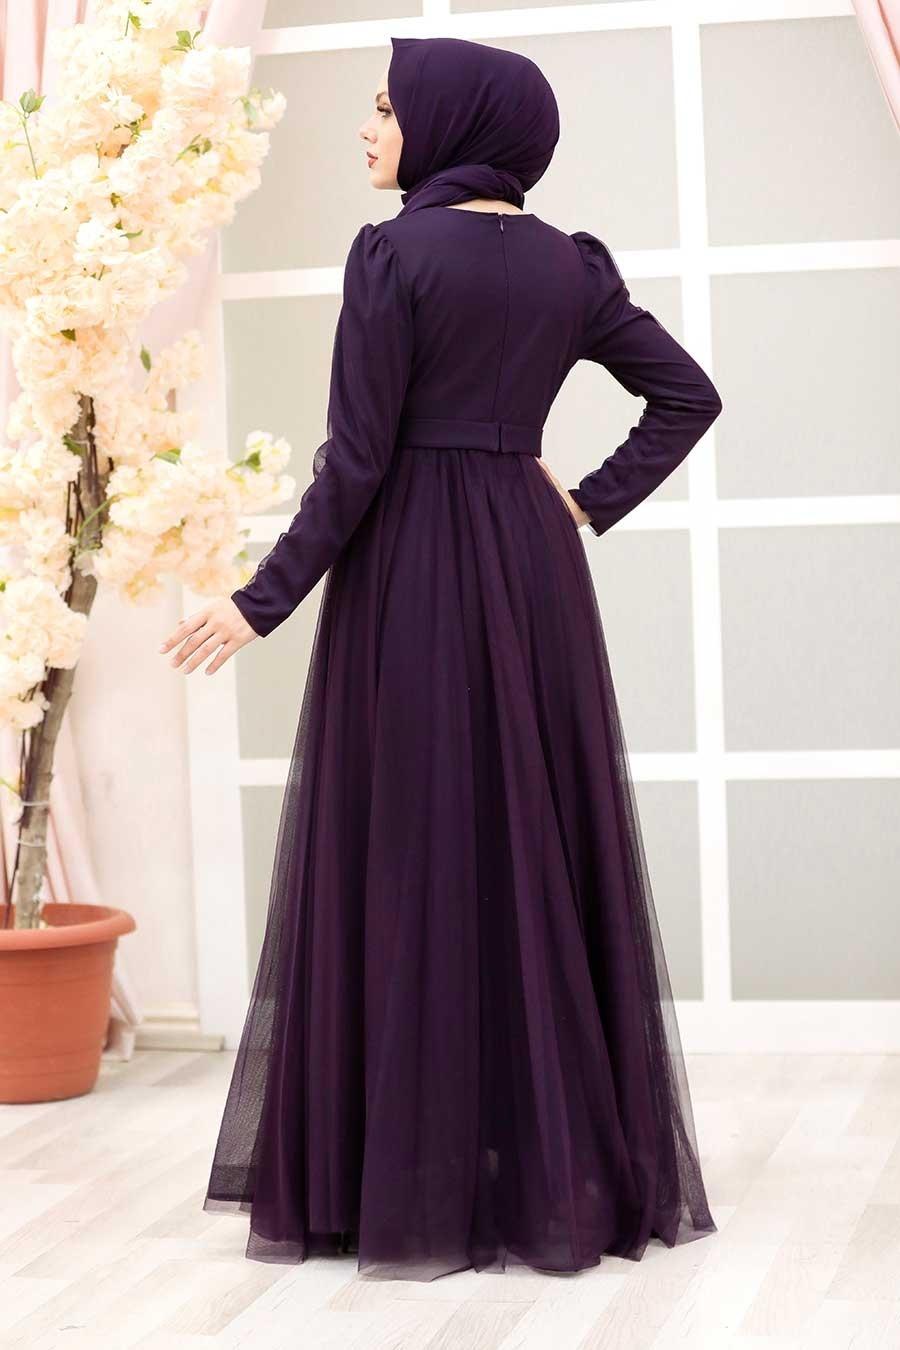 Tesettürlü Abiye Elbise - Tüy Detaylı Mor Tesettür Abiye Elbise 23341MOR